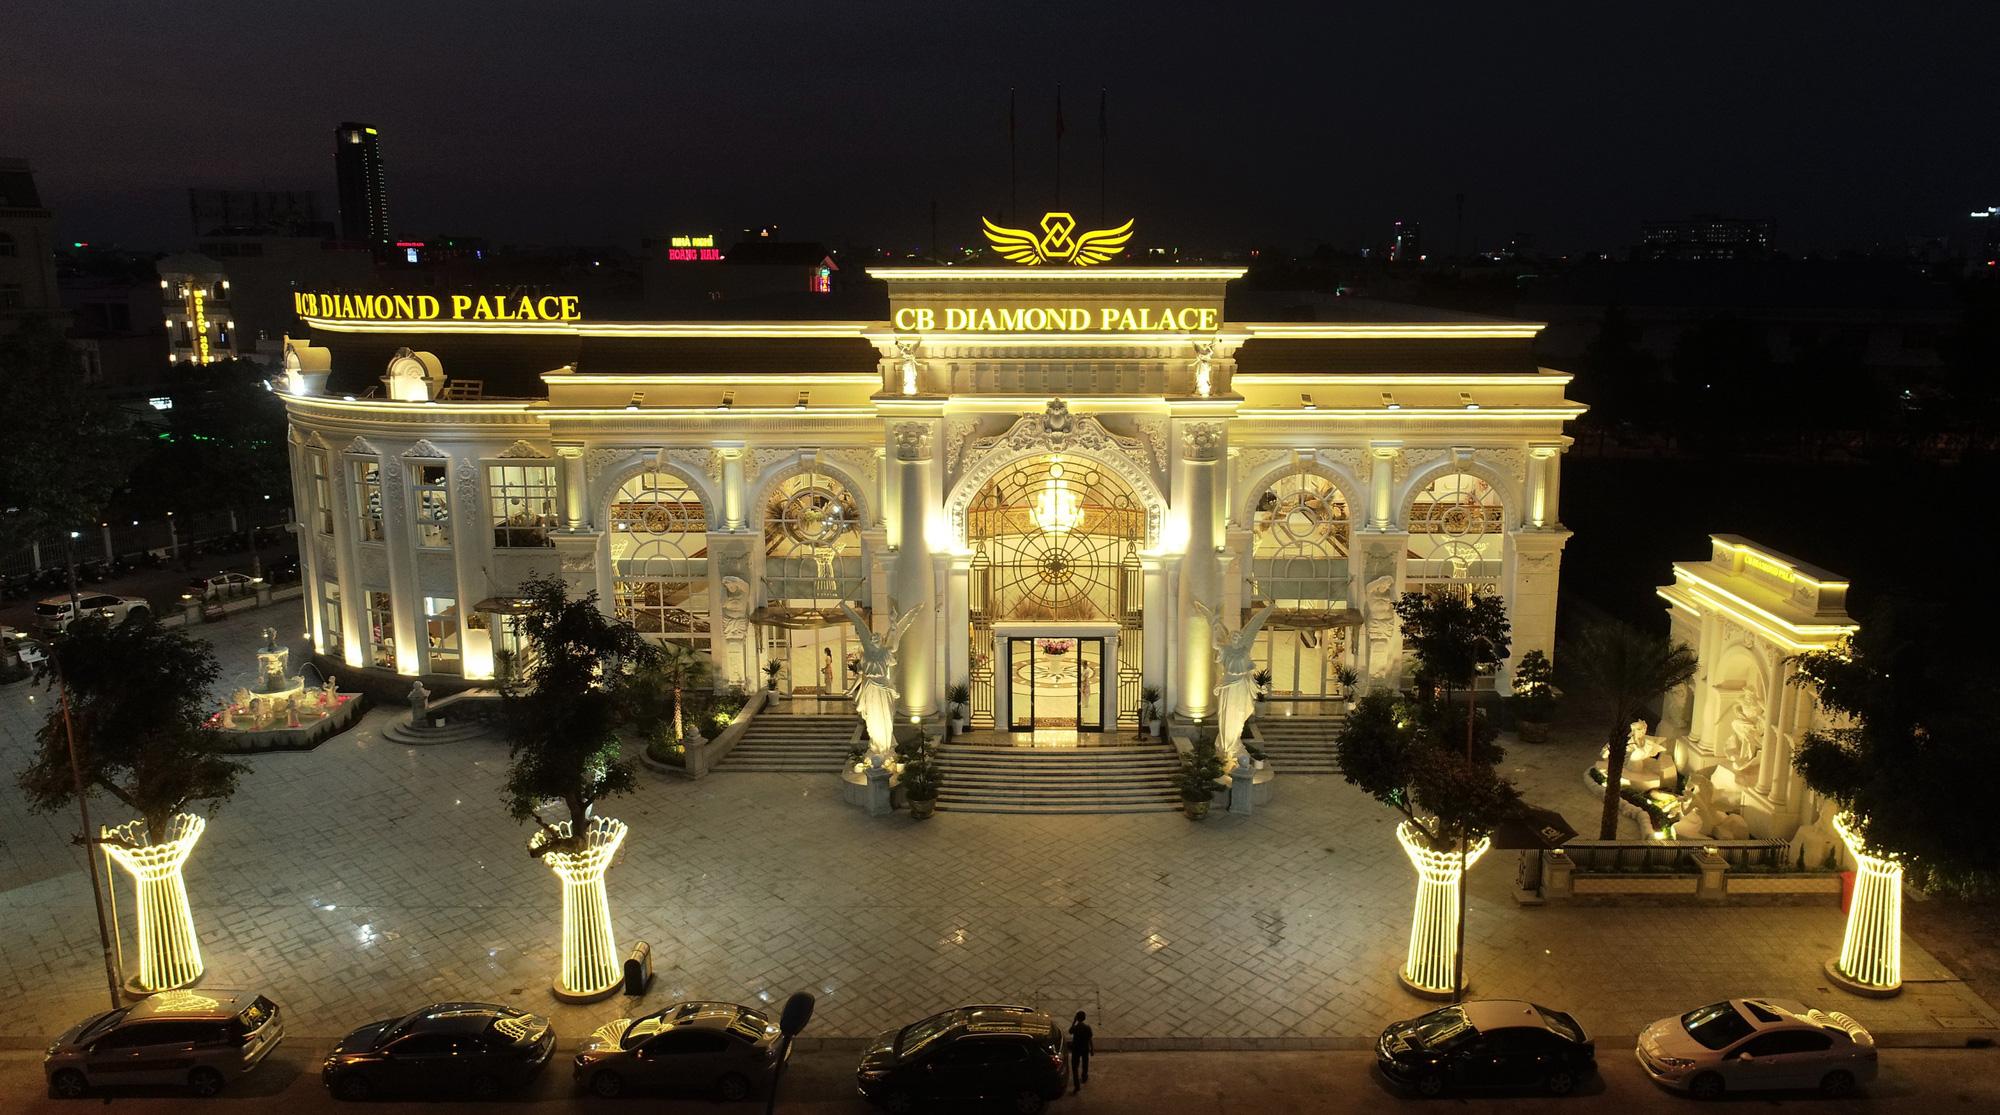 CB Diamond Palace Trung tâm hội nghị - yến tiệc bậc nhất Tây Đô - Ảnh 1.